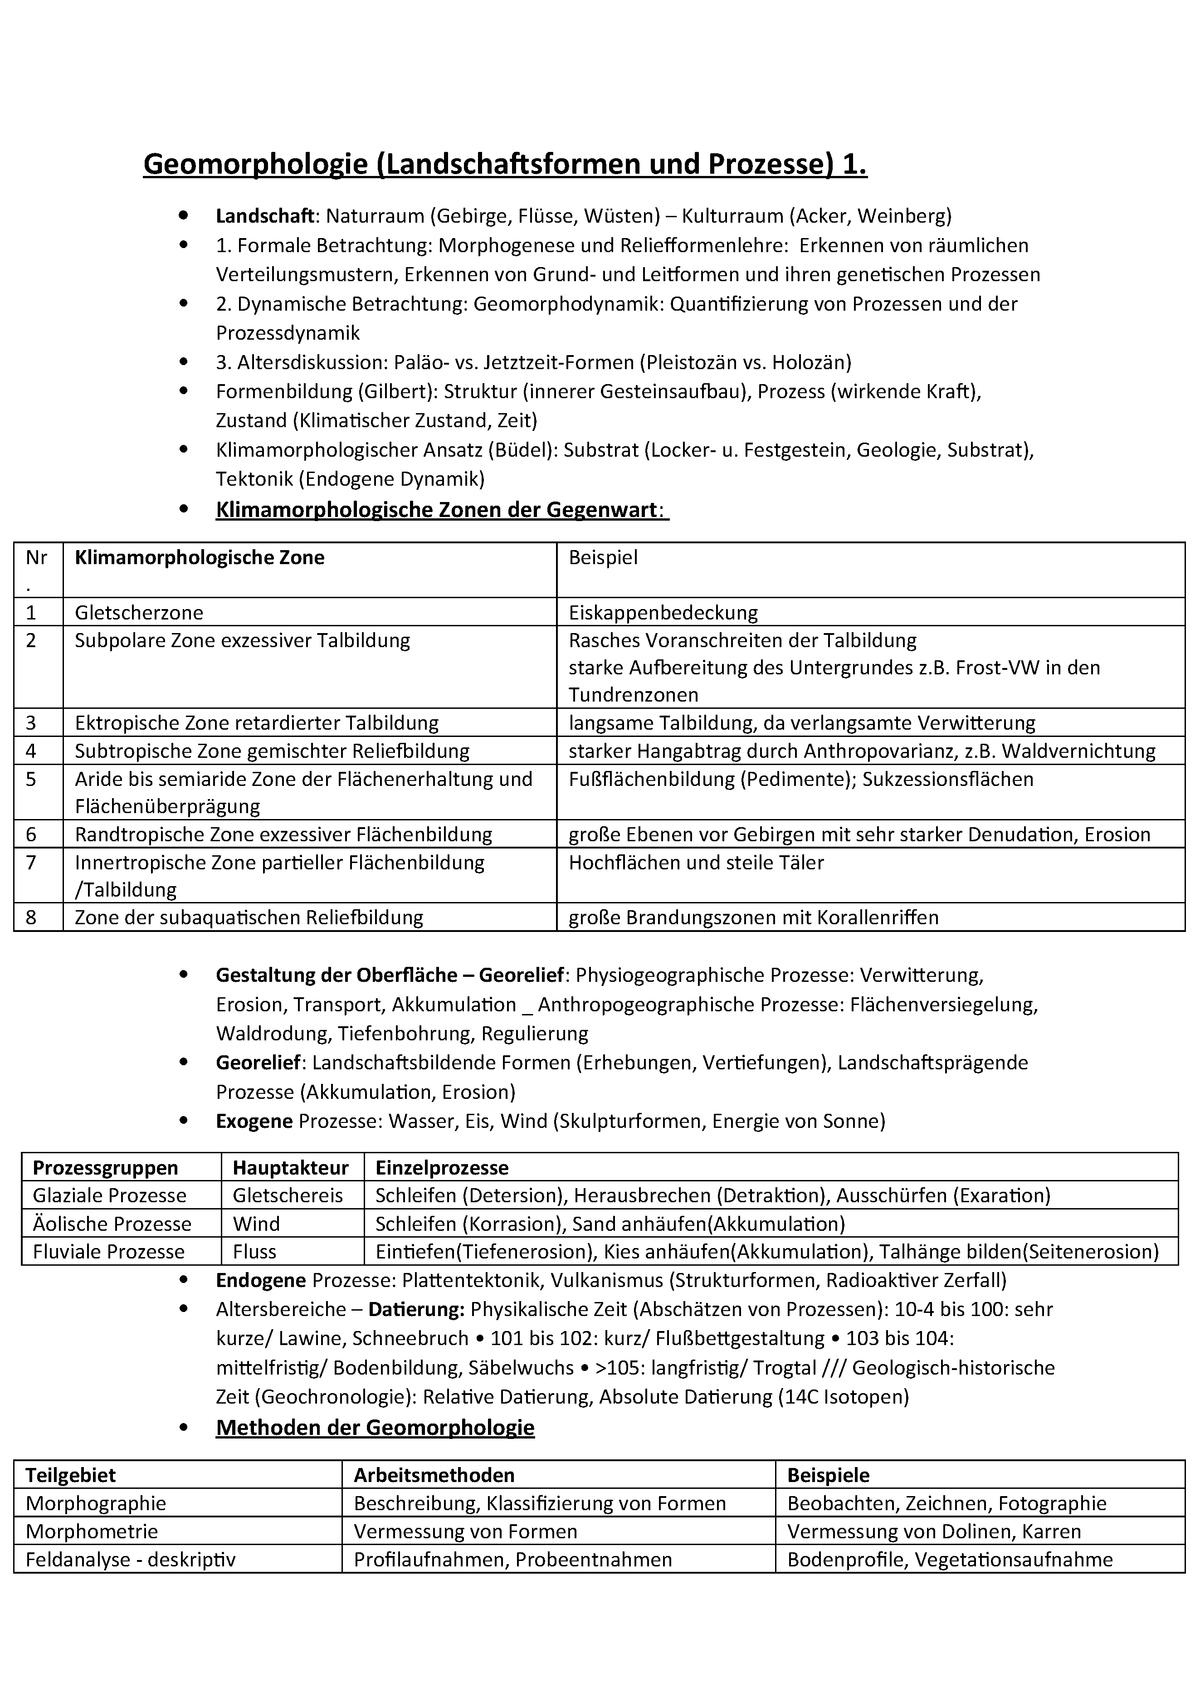 Datierungs-und Textikregeln